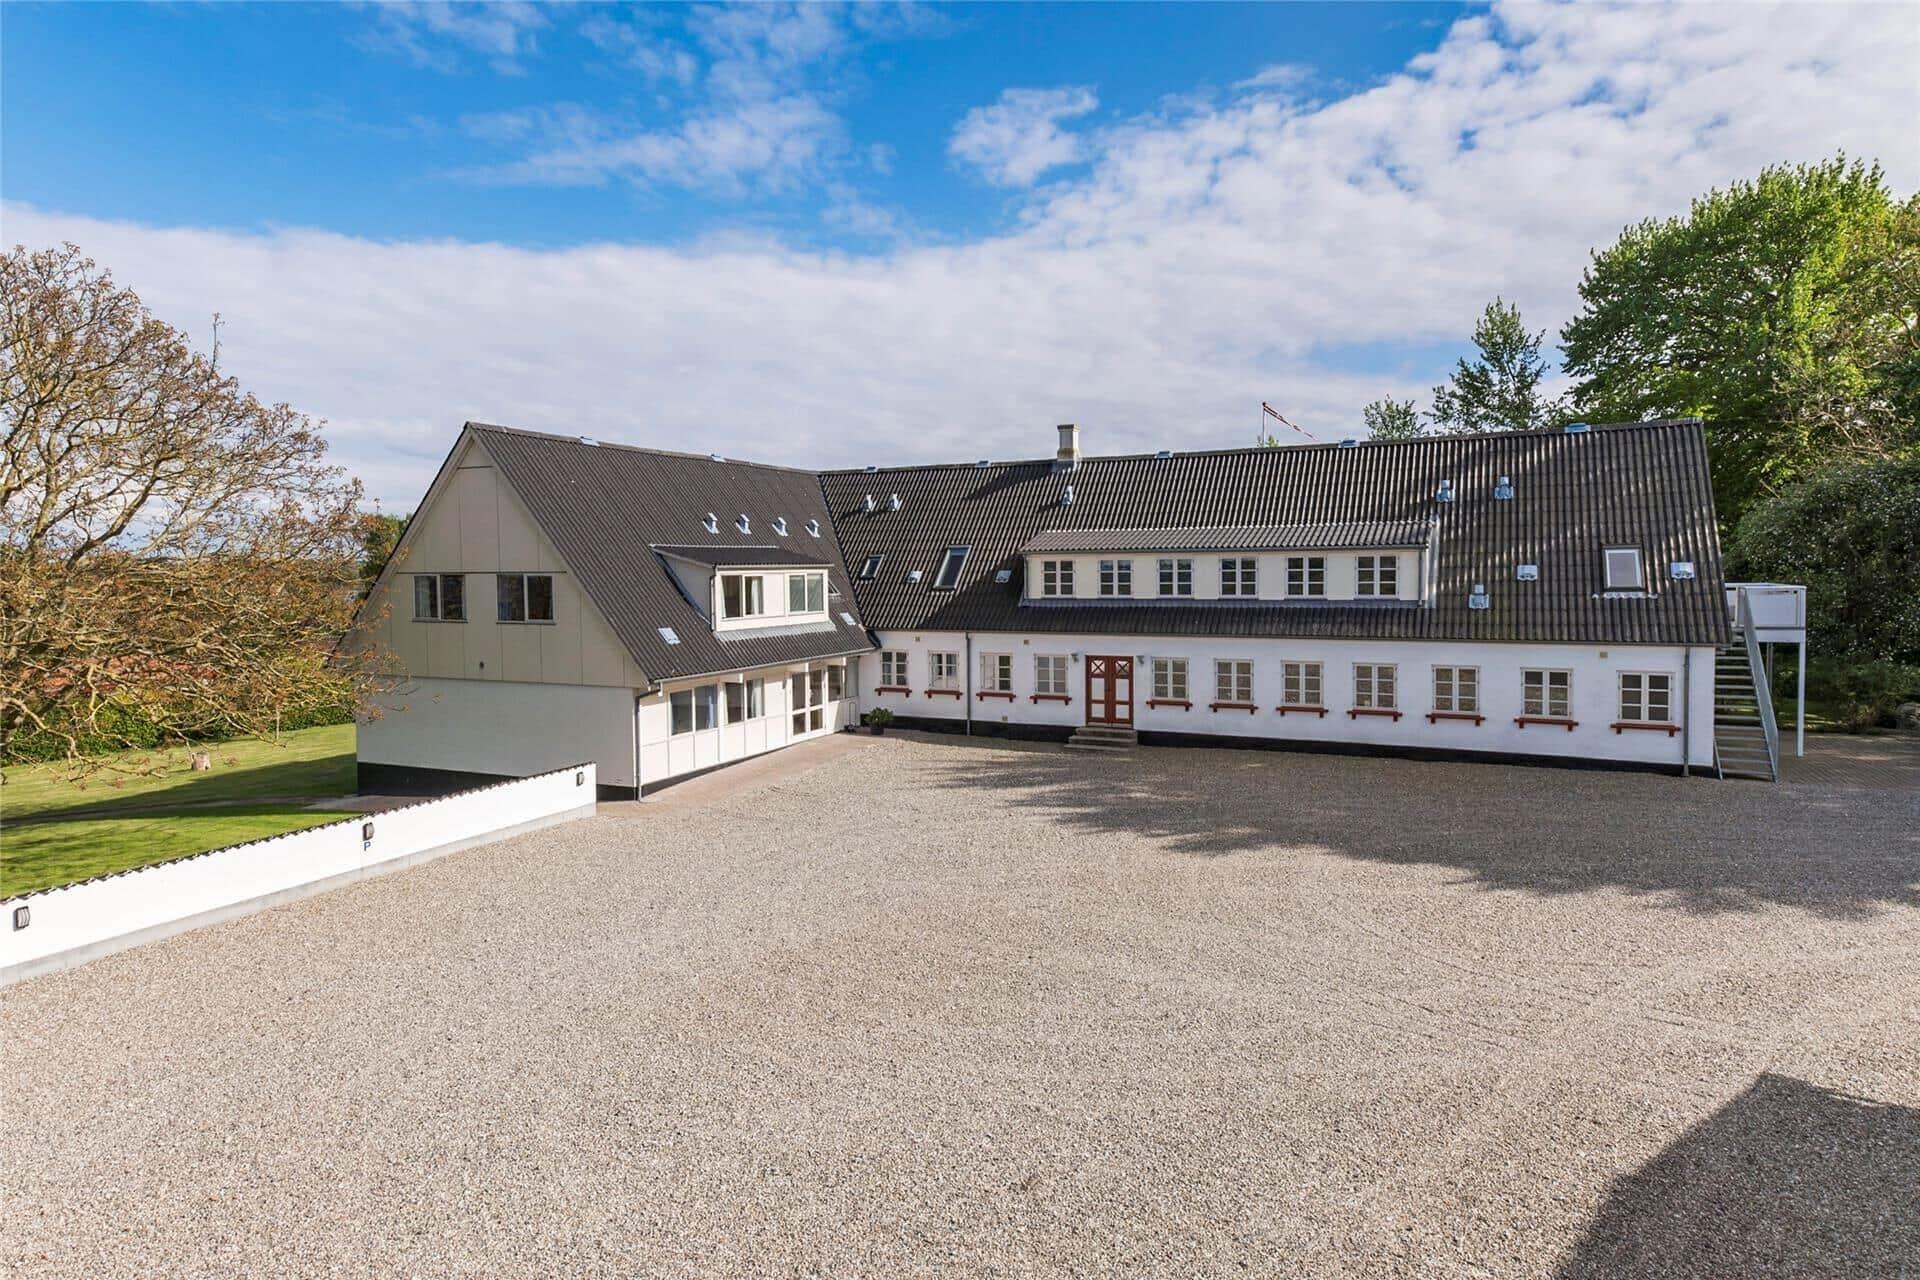 Billede 1-3 Sommerhus M70279, Borgnæsvej 4, DK - 5970 Ærøskøbing